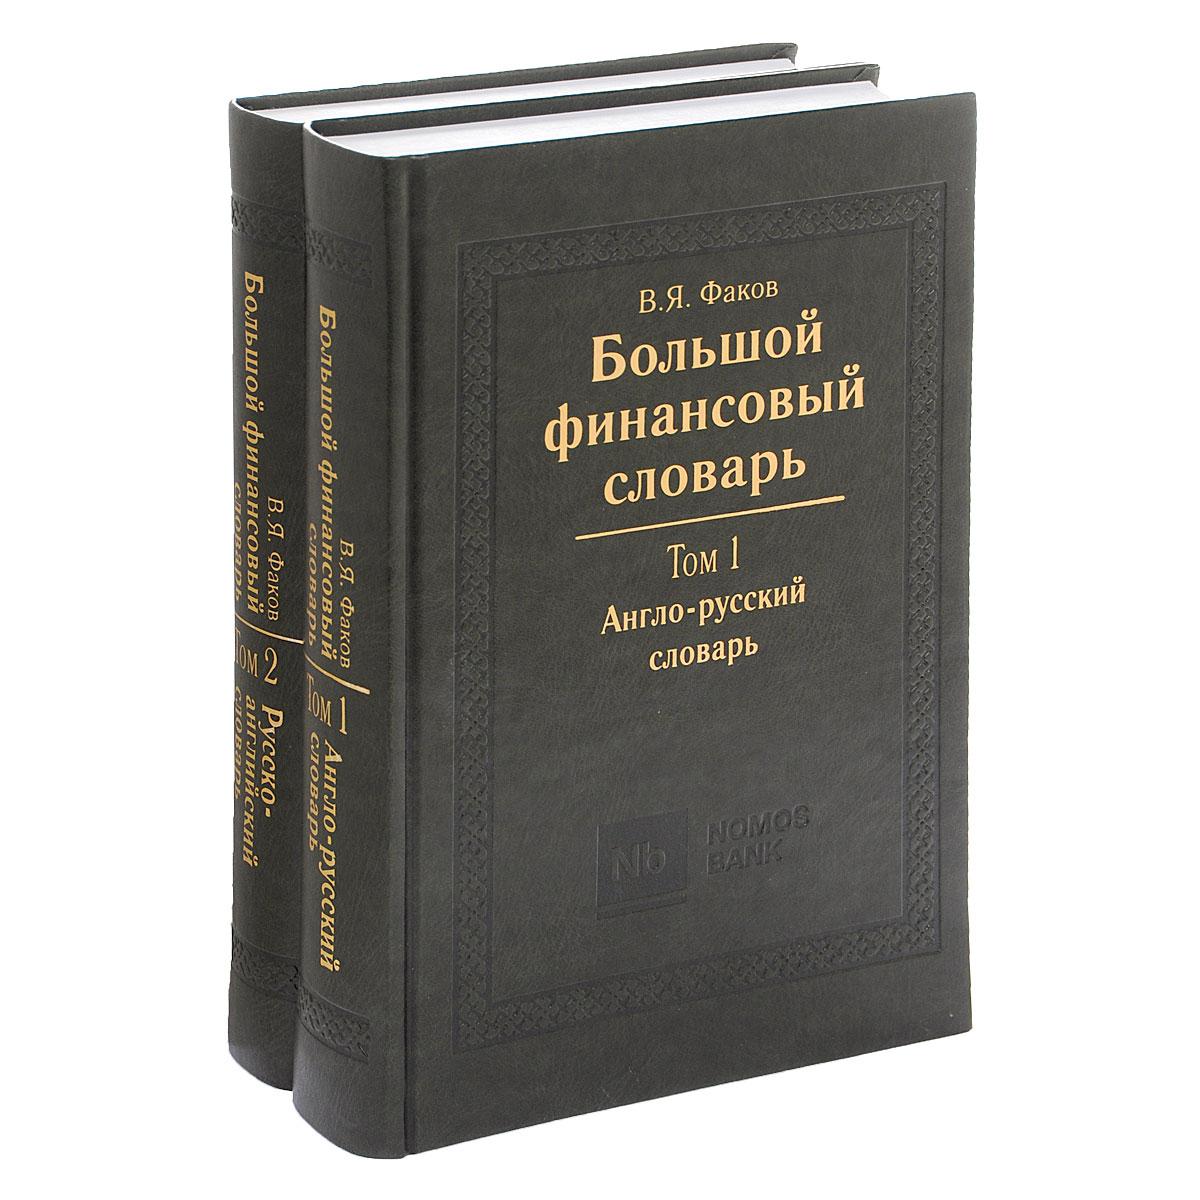 Большой финансовый словарь (комплект из 2 книг)